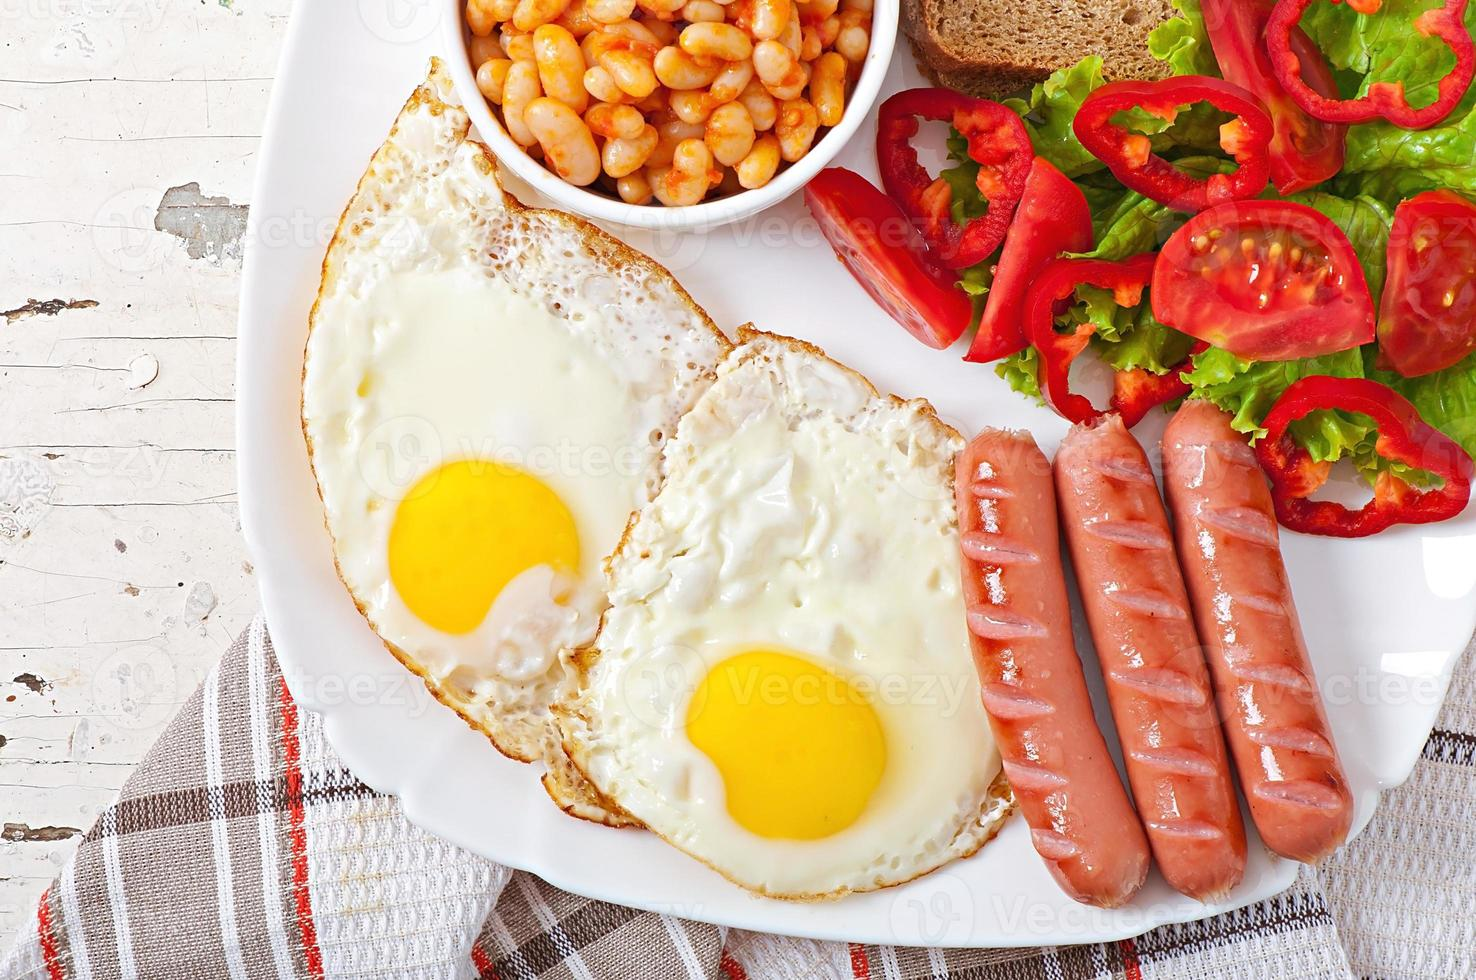 Engels ontbijt - worstjes, eieren, bonen en salade foto